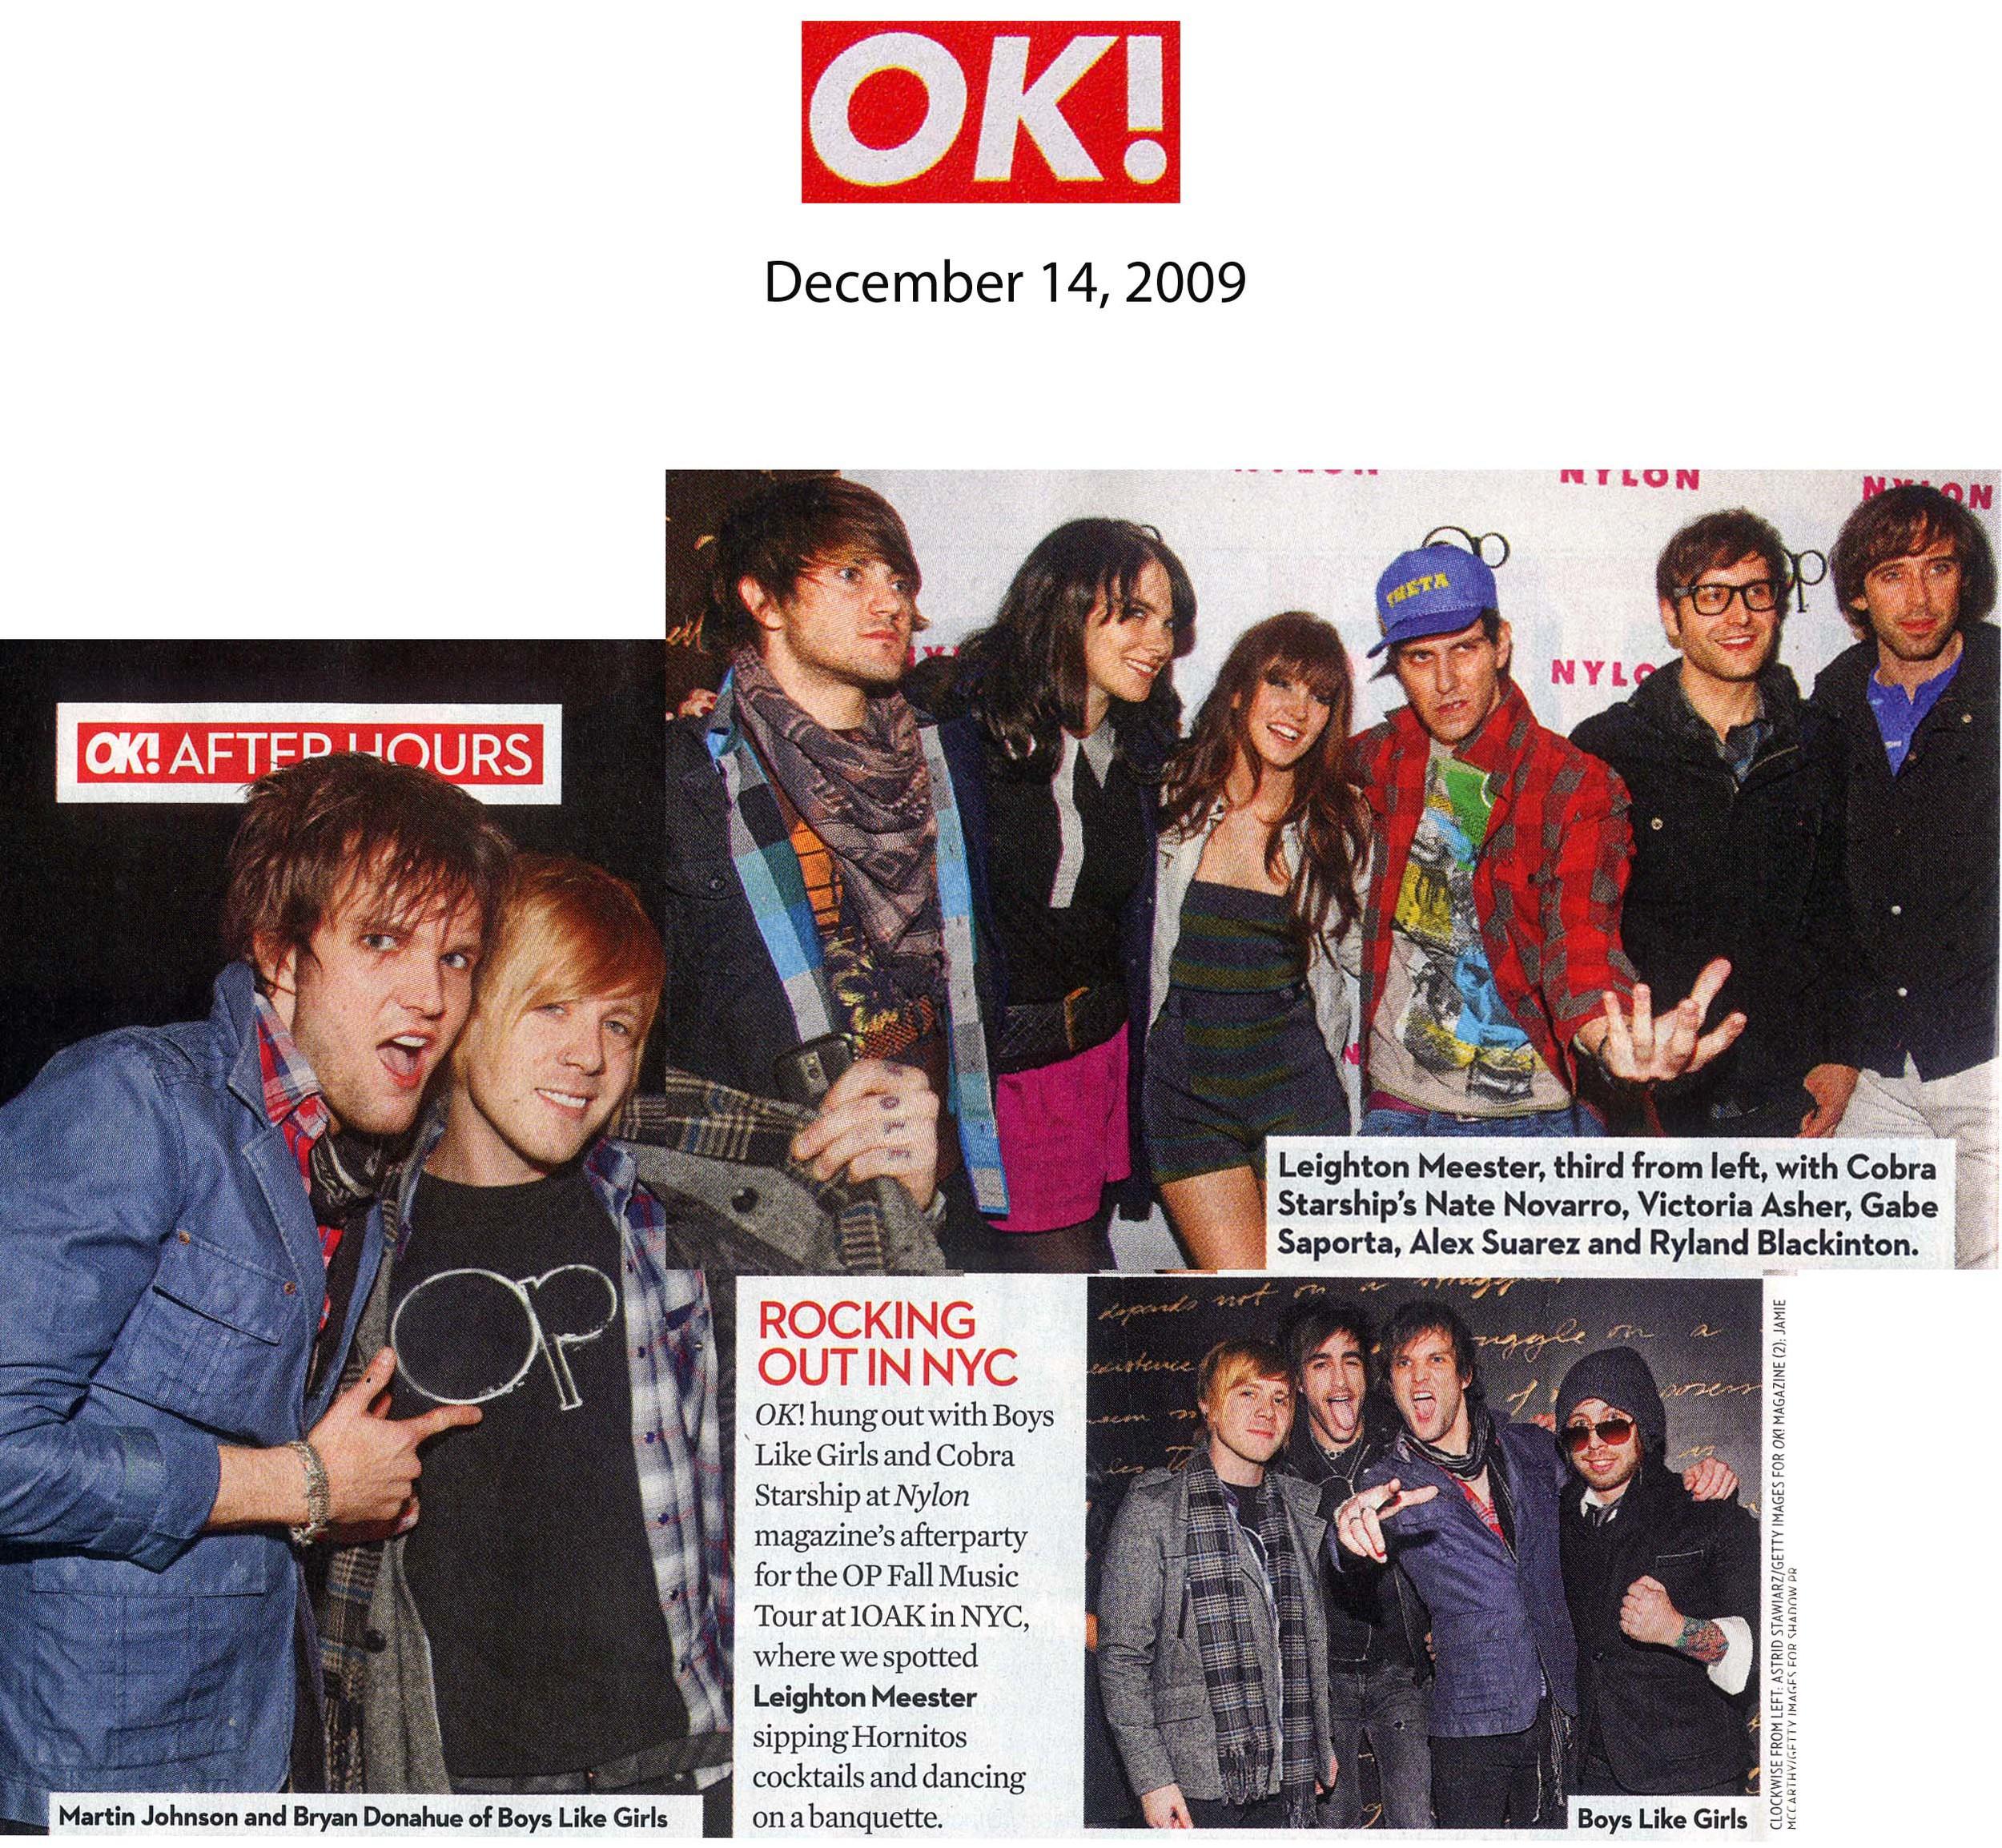 Cobra Starship - OK! - December 14, 2009.jpg